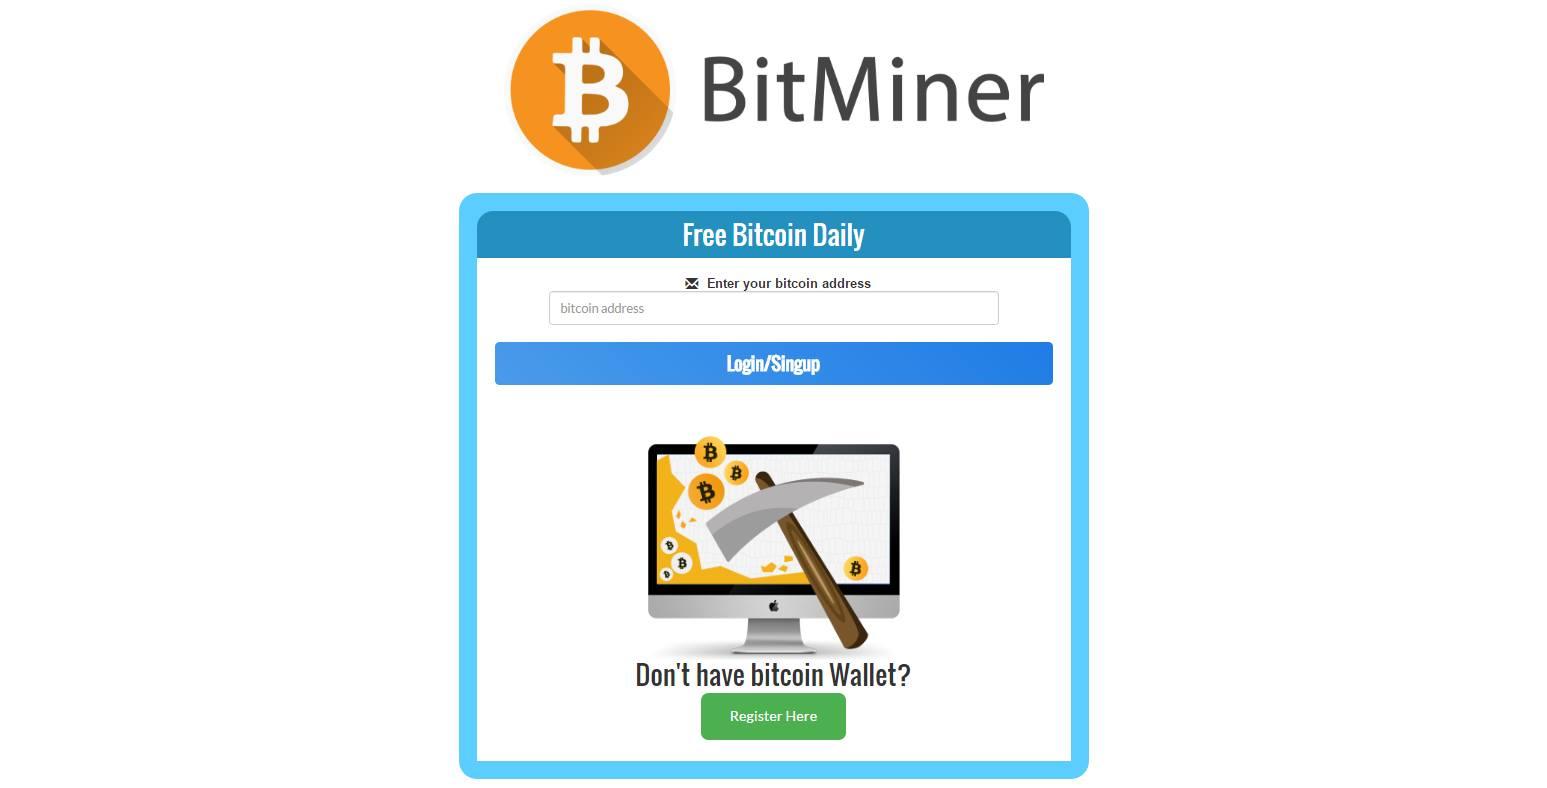 [UPDATED] Bitcoin Miner Nicher Landing Page